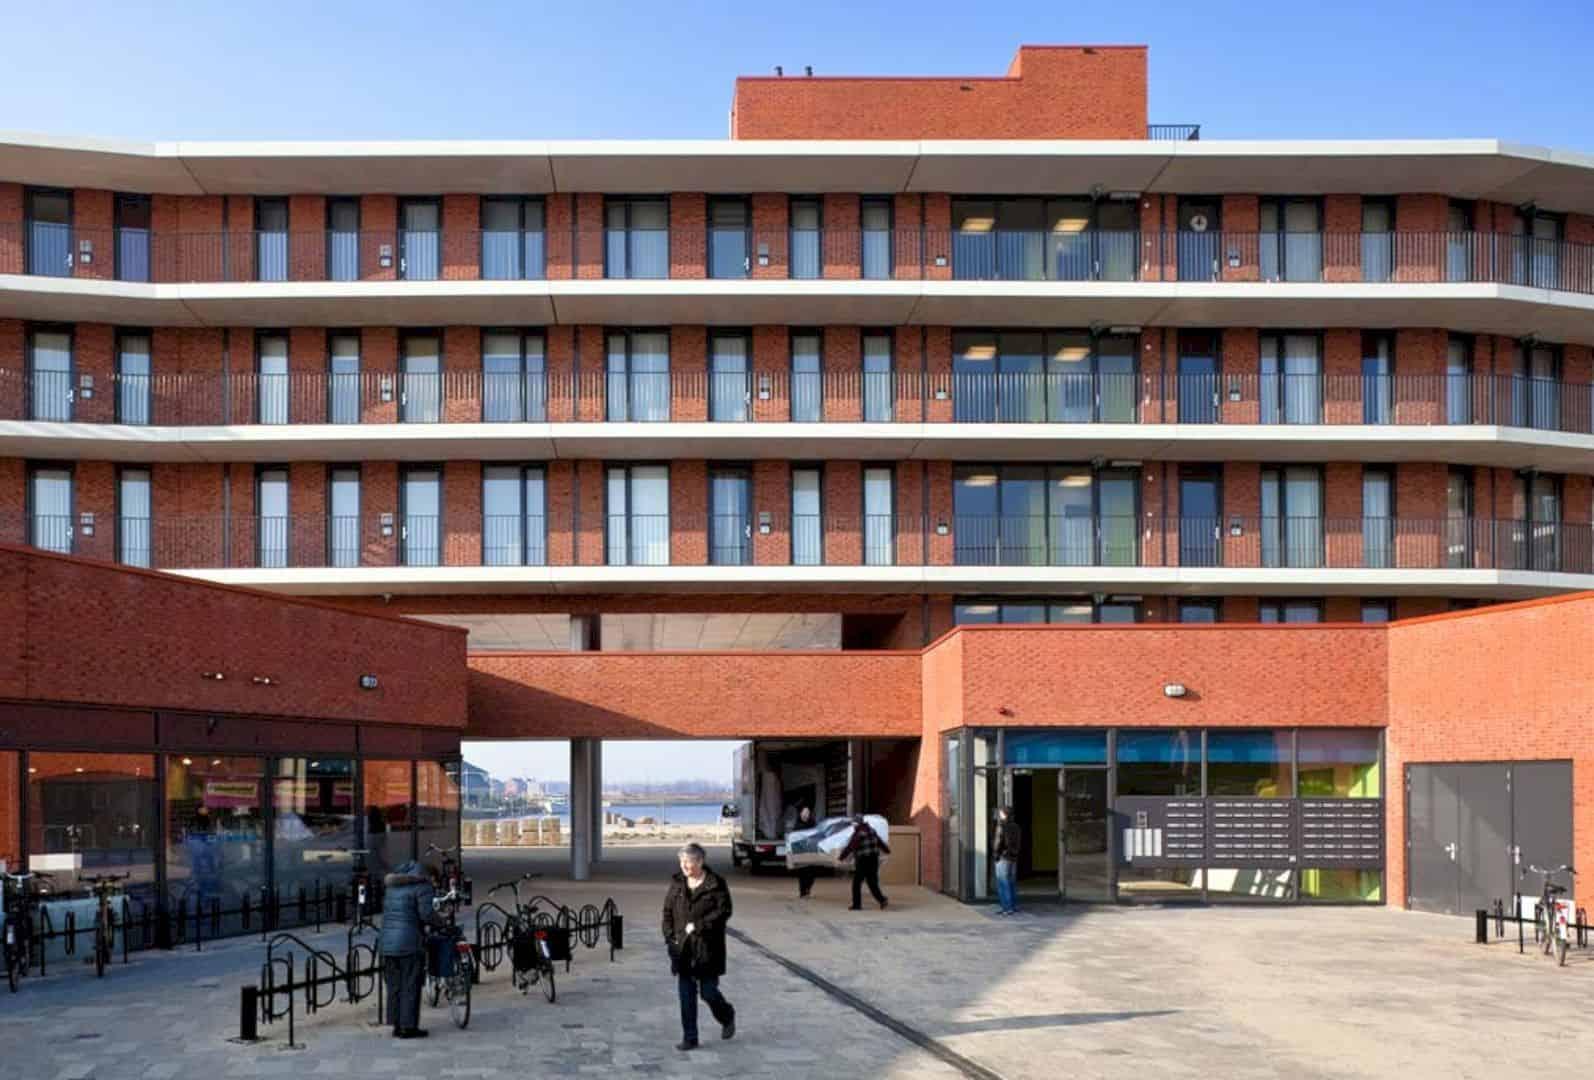 Residences Cuijk By Jeanne Dekkers Architectuur 3